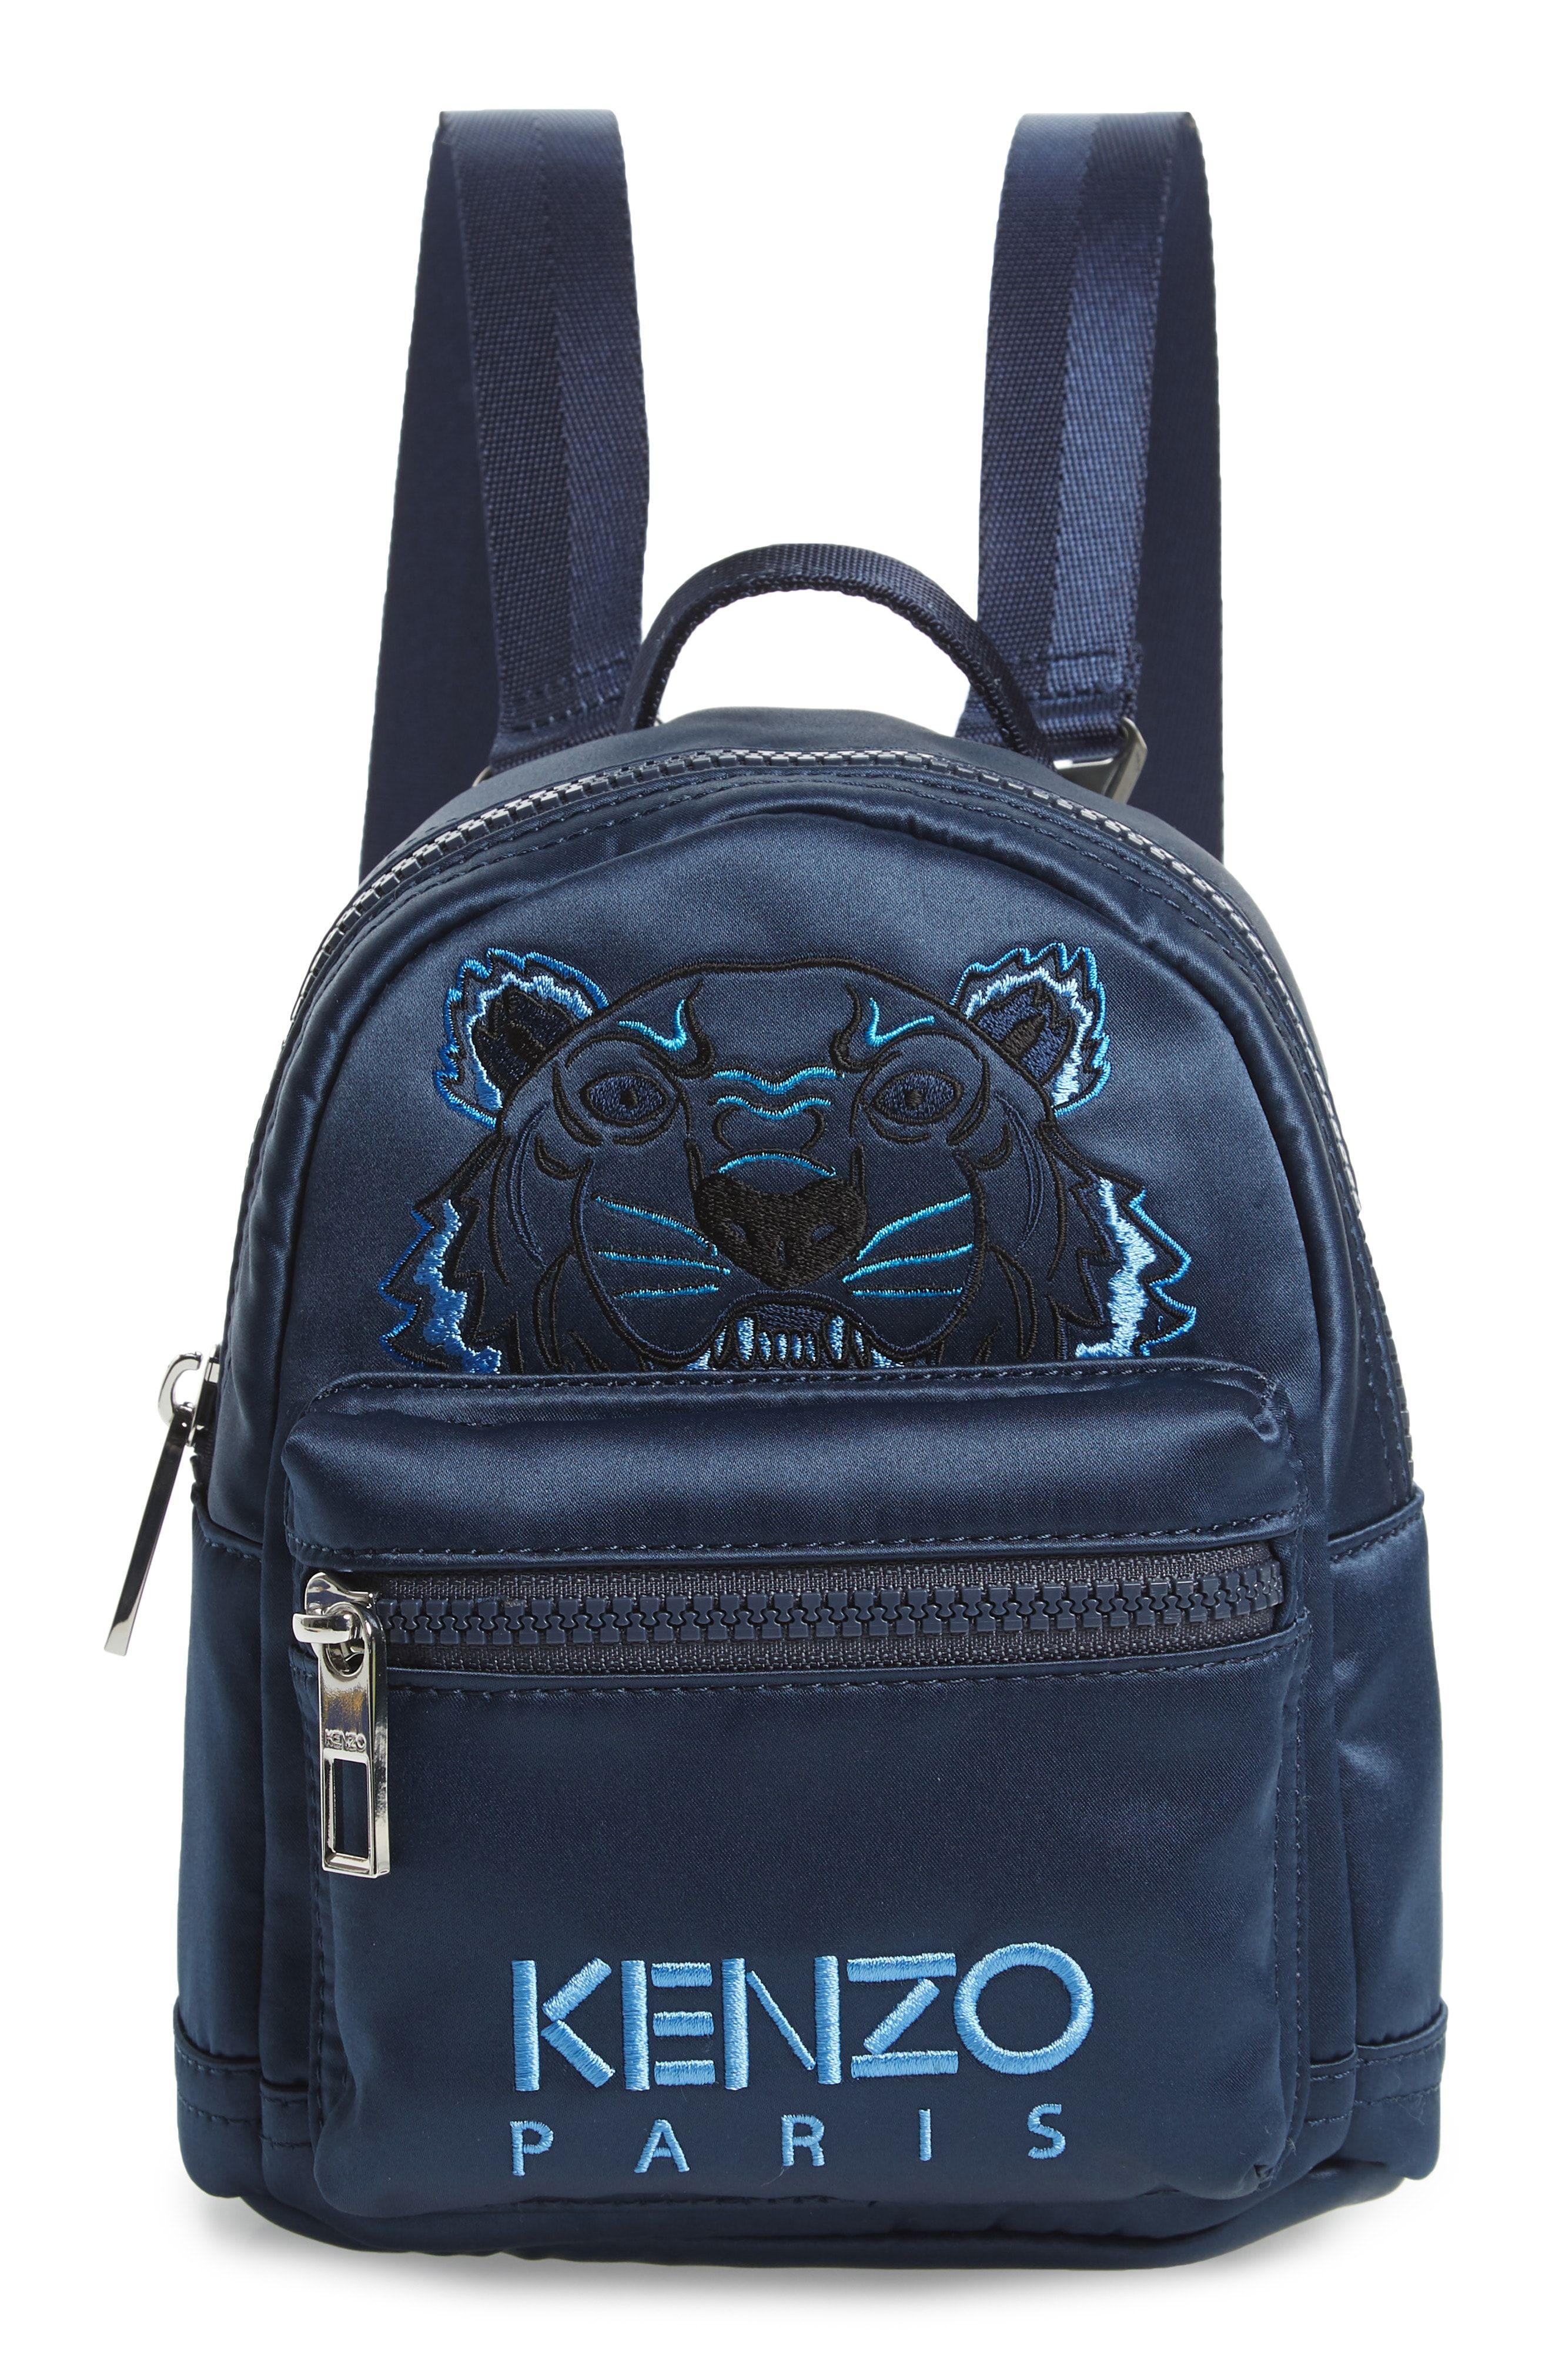 44701daf41 KENZO EMBROIDERED TIGER MINI BACKPACK - BLUE.  kenzo  bags  backpacks